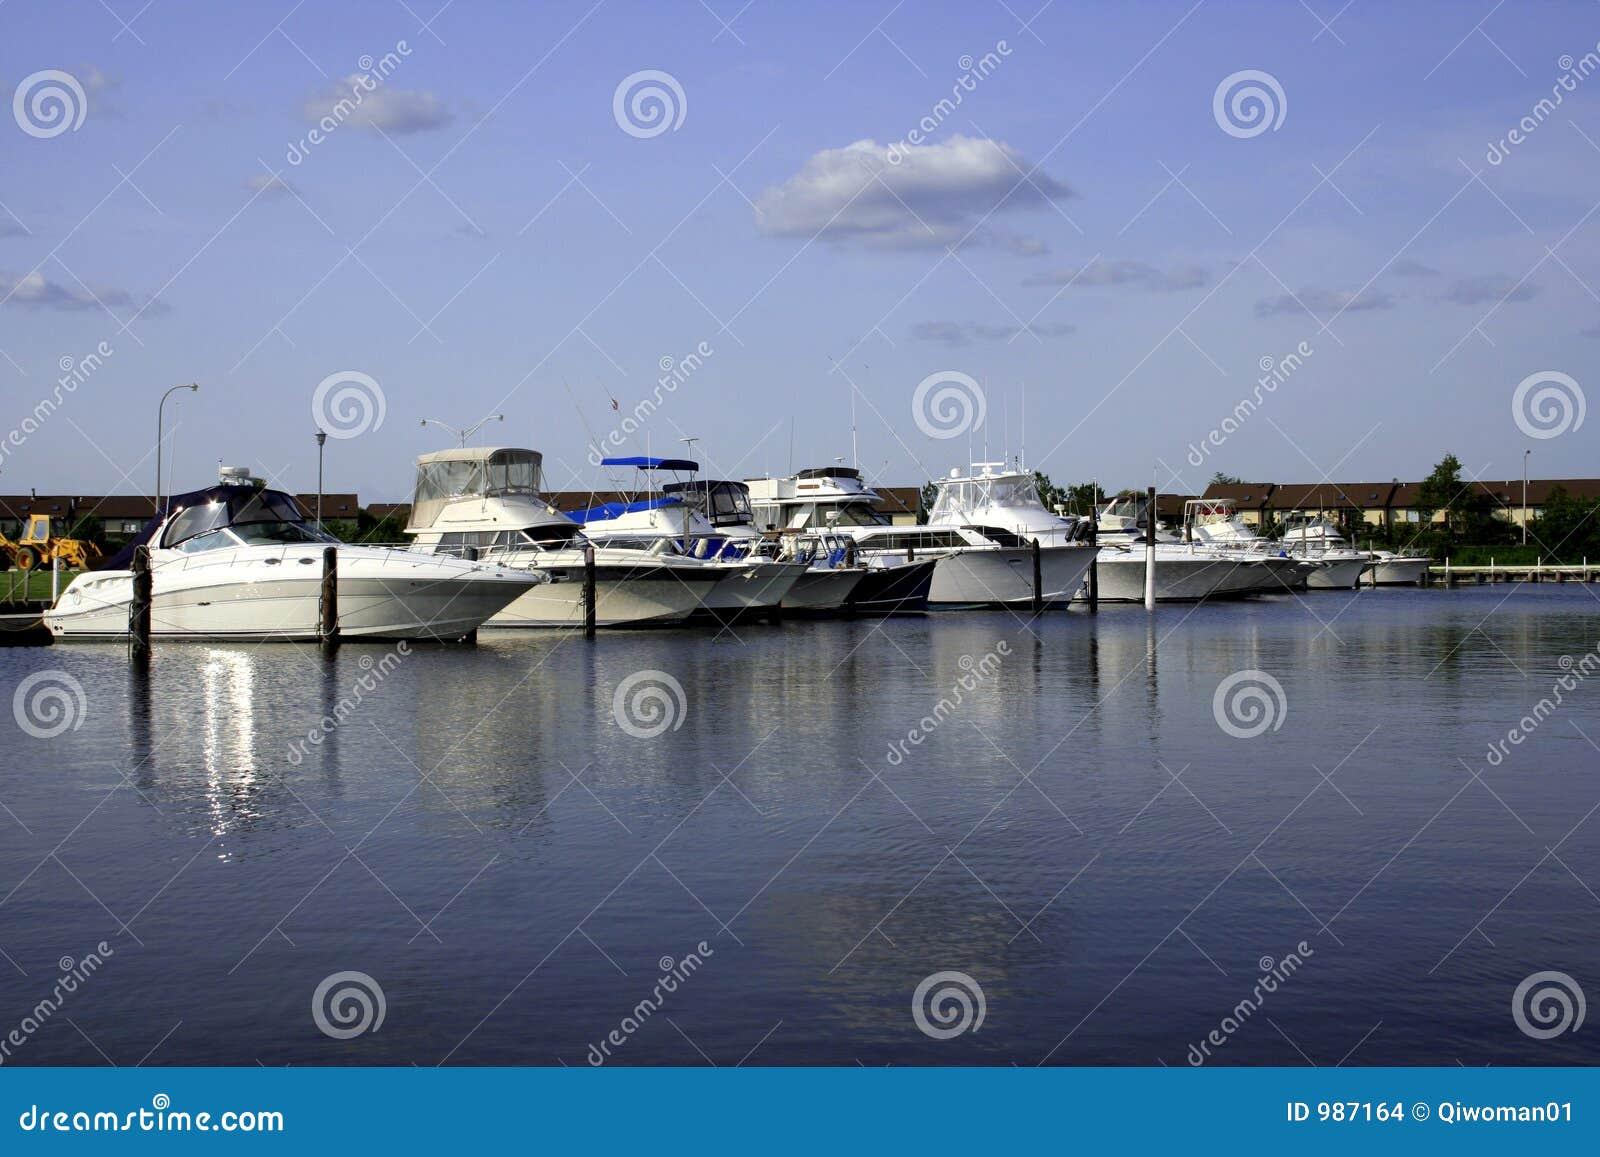 Marina för fartyg ii